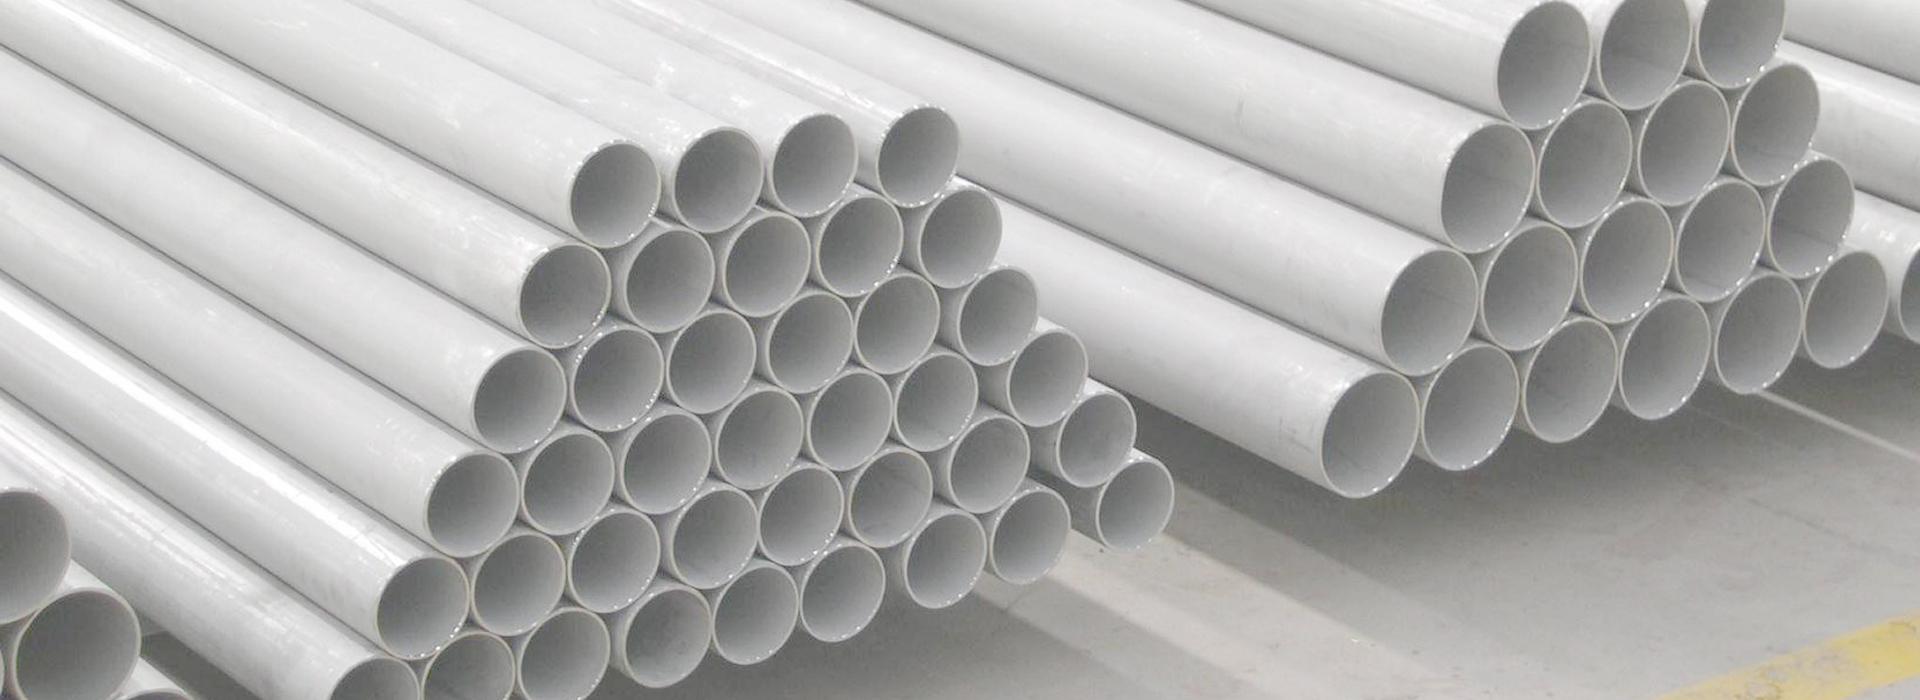 二、工业流体输送管道及配套管件系列